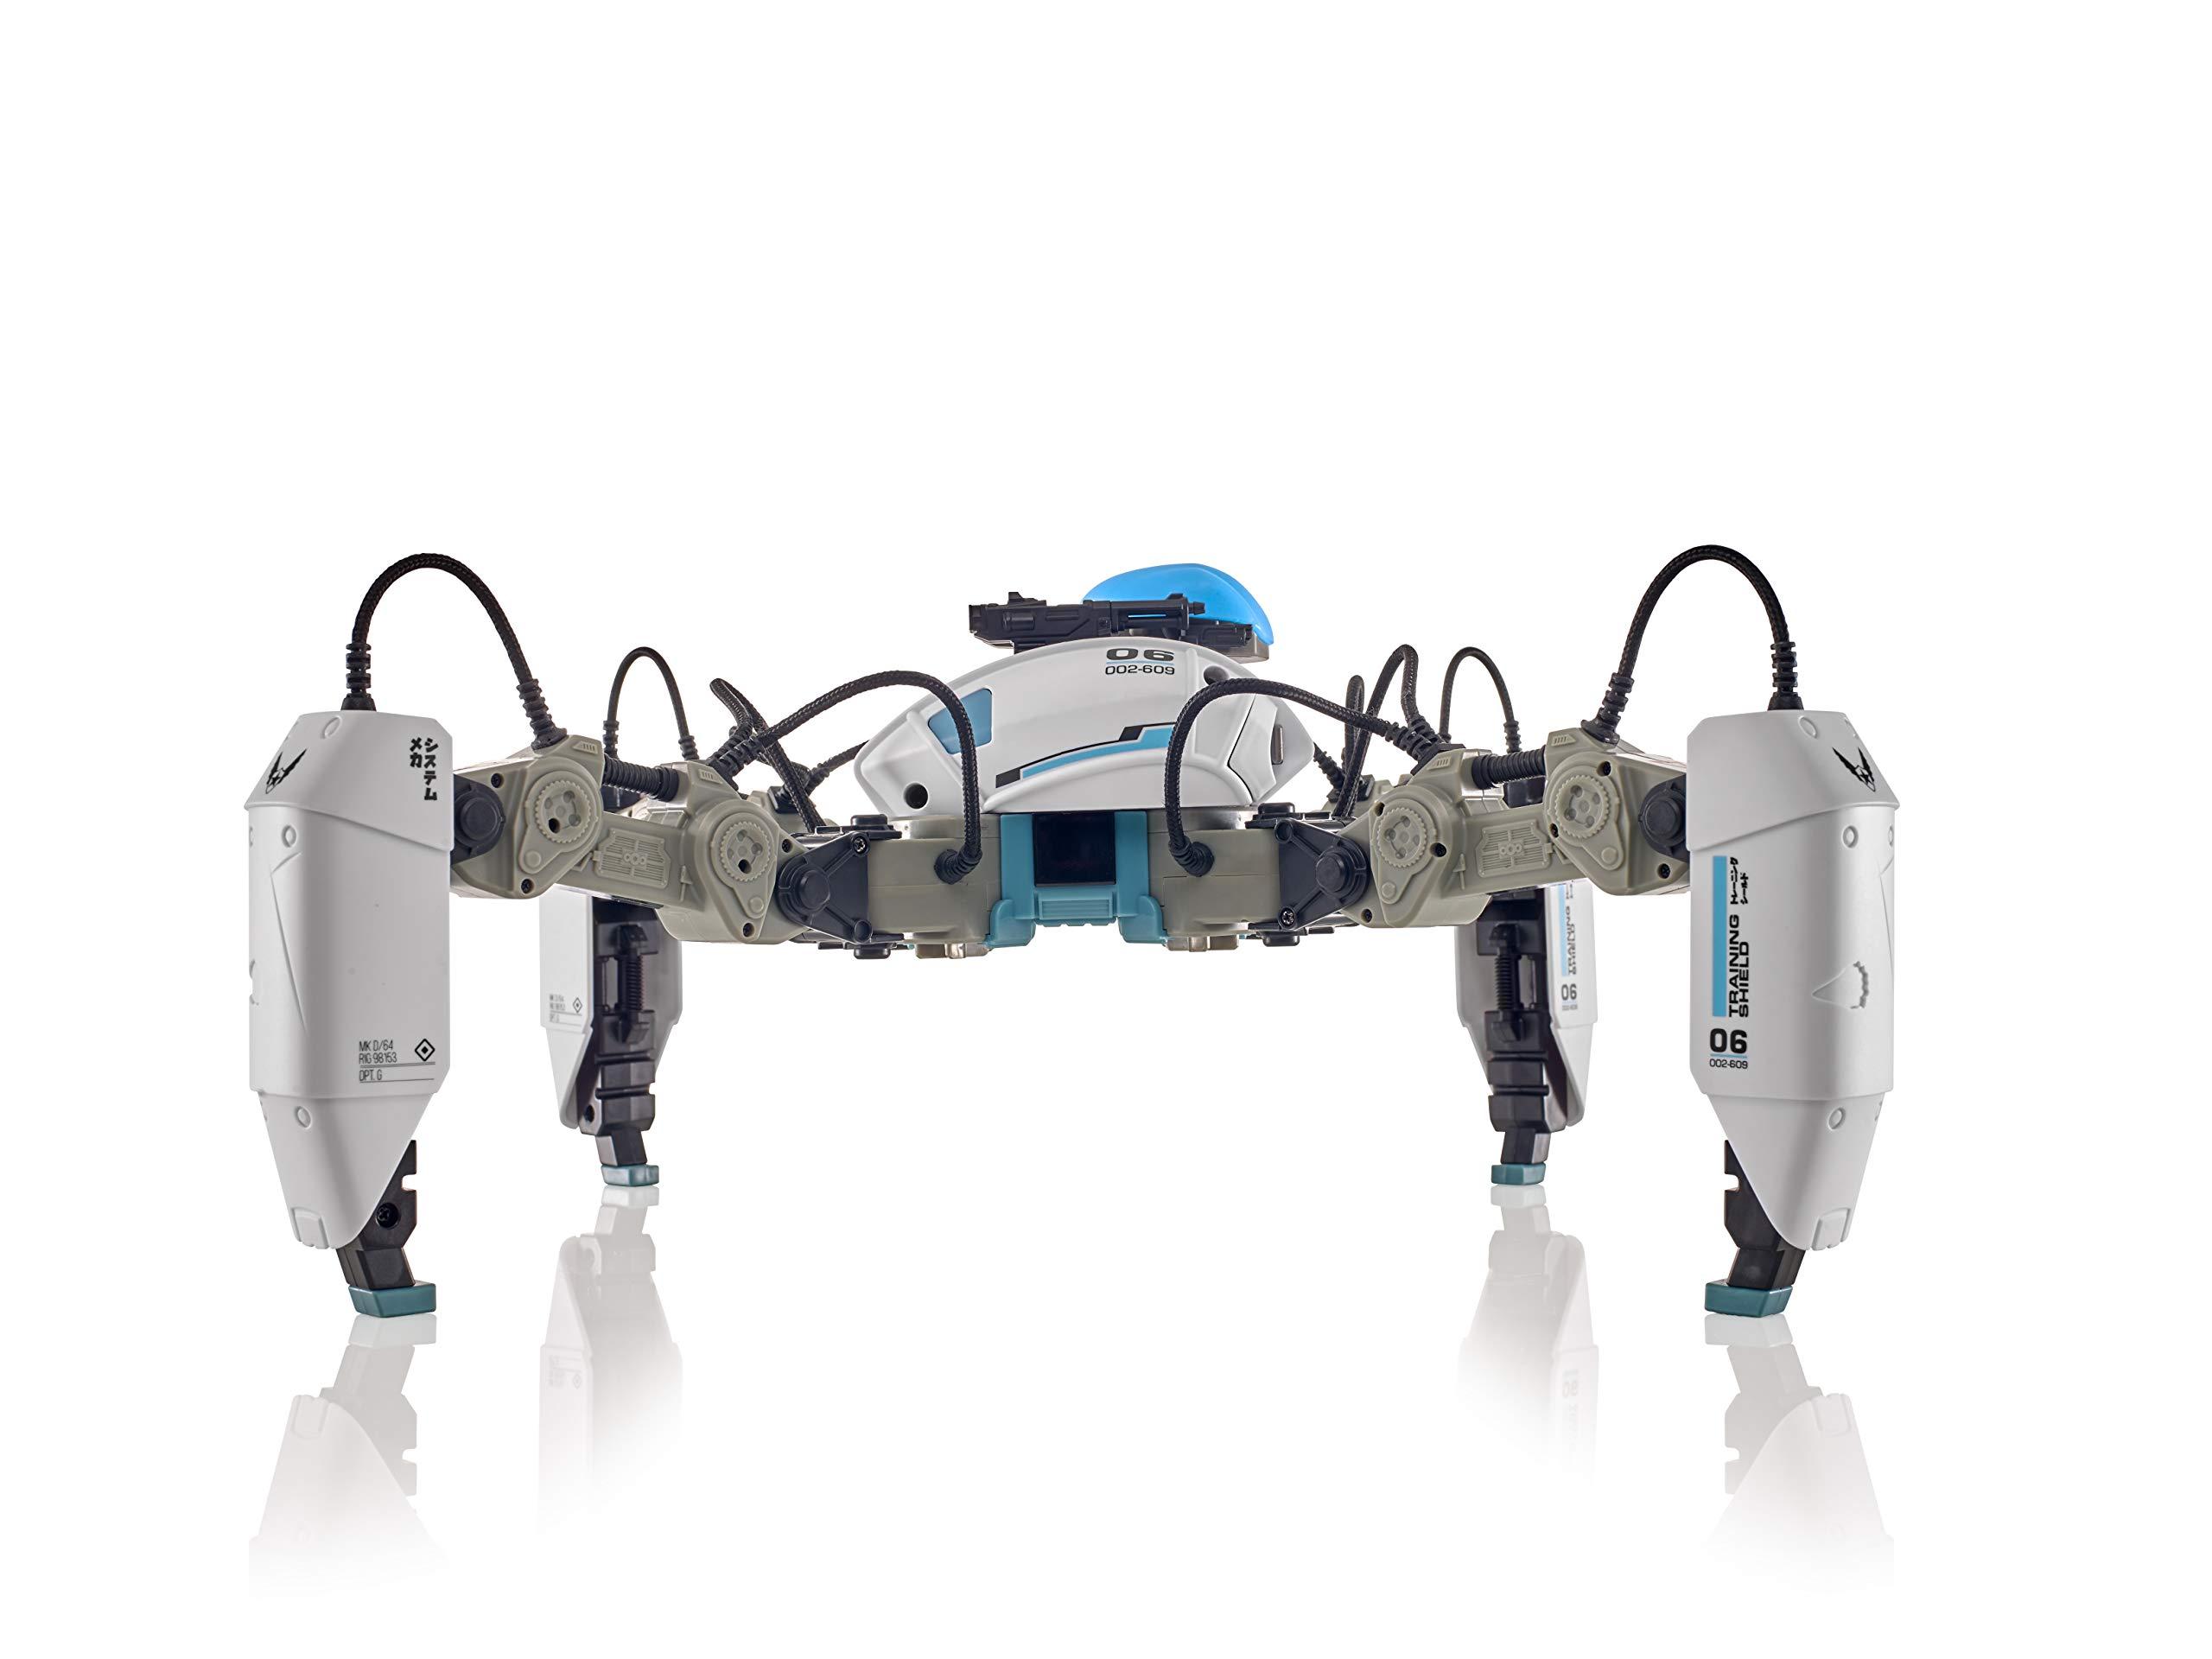 Mekamon Berserker V1 Gaming Robot - US (White) by Mekamon (Image #2)